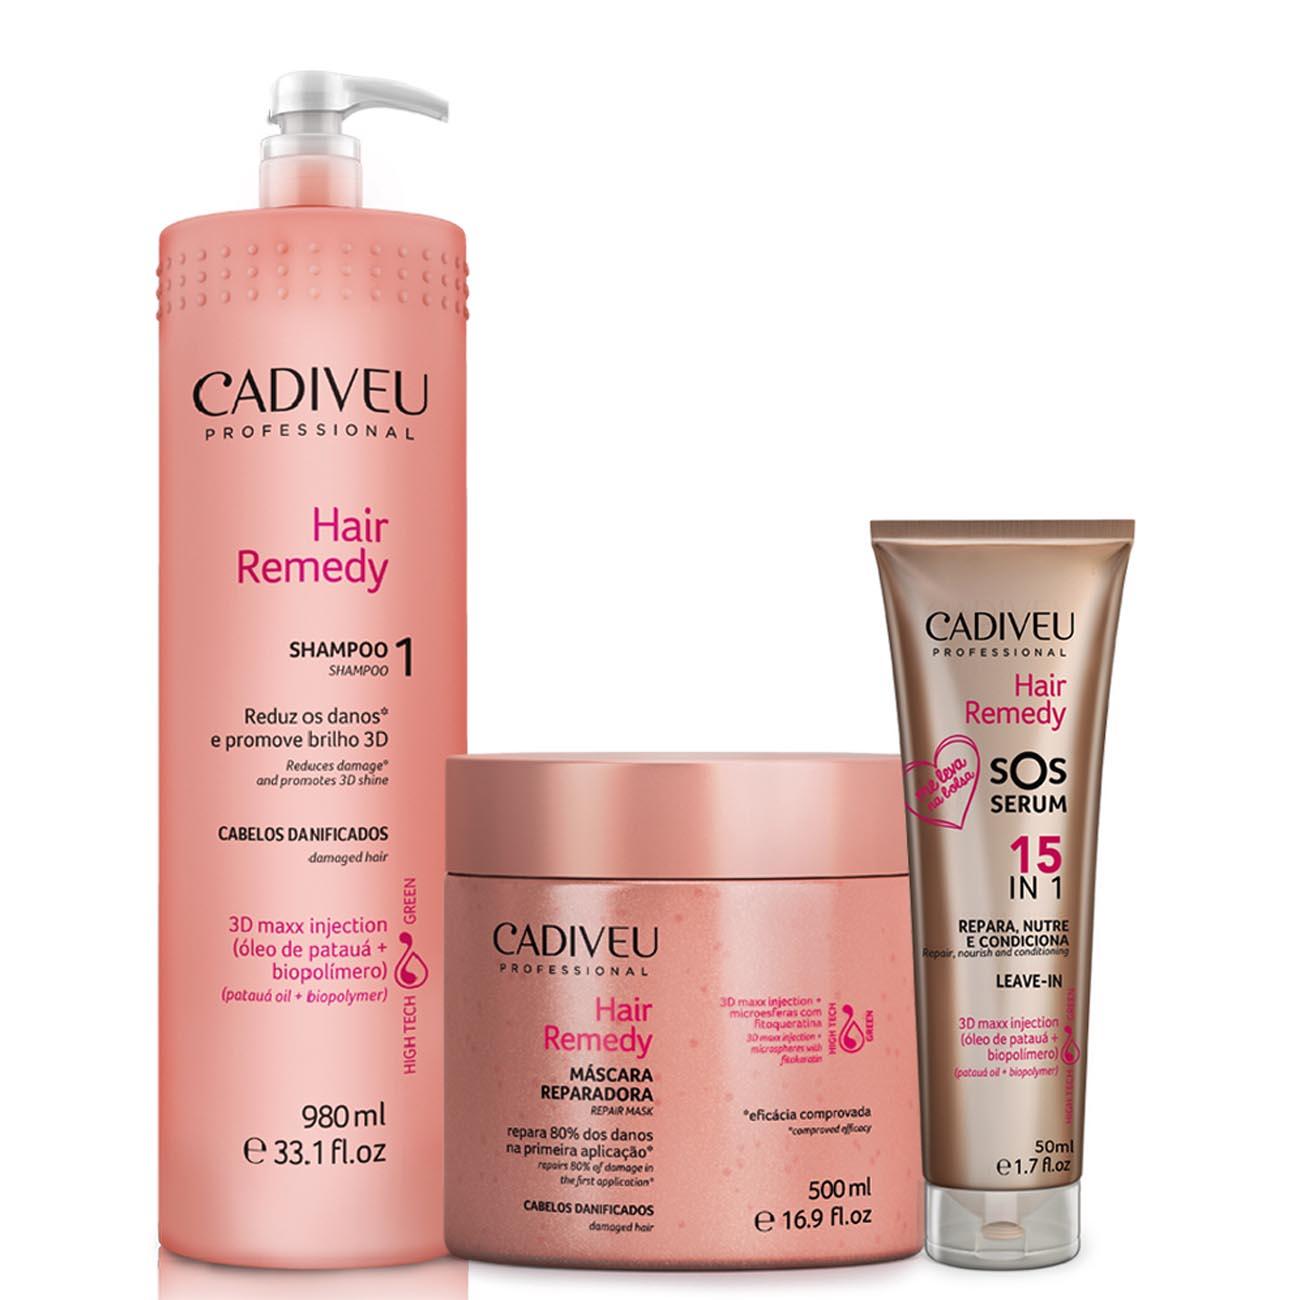 Cadiveu Hair Remedy Shampoo + Máscara + Sos Serum 50 ml